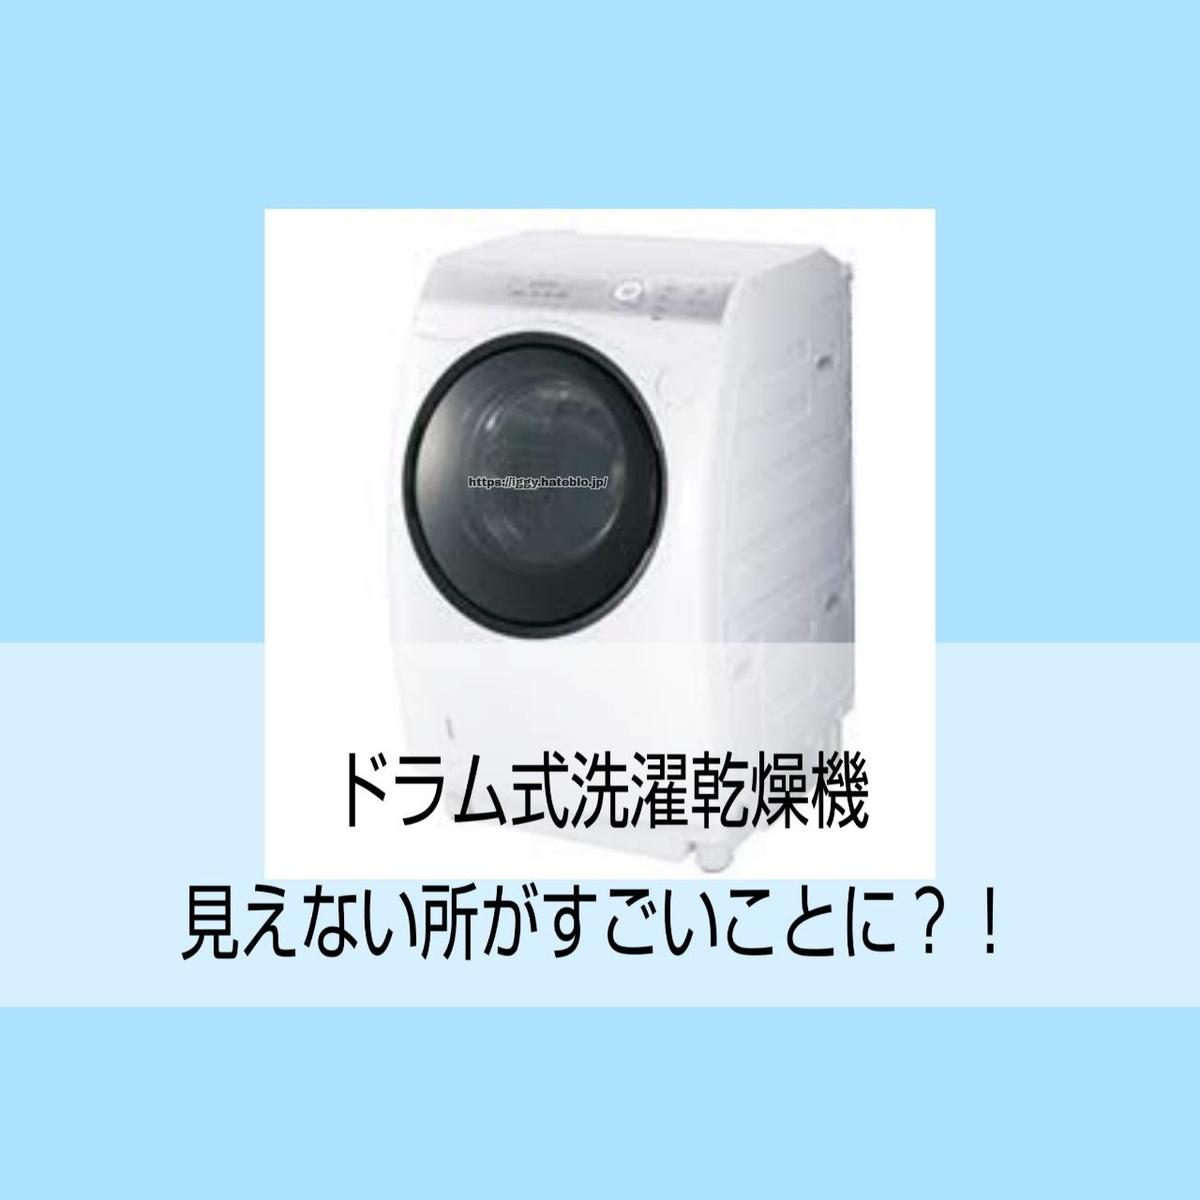 ドラム式洗濯乾燥機 東芝 口コミ レビュー